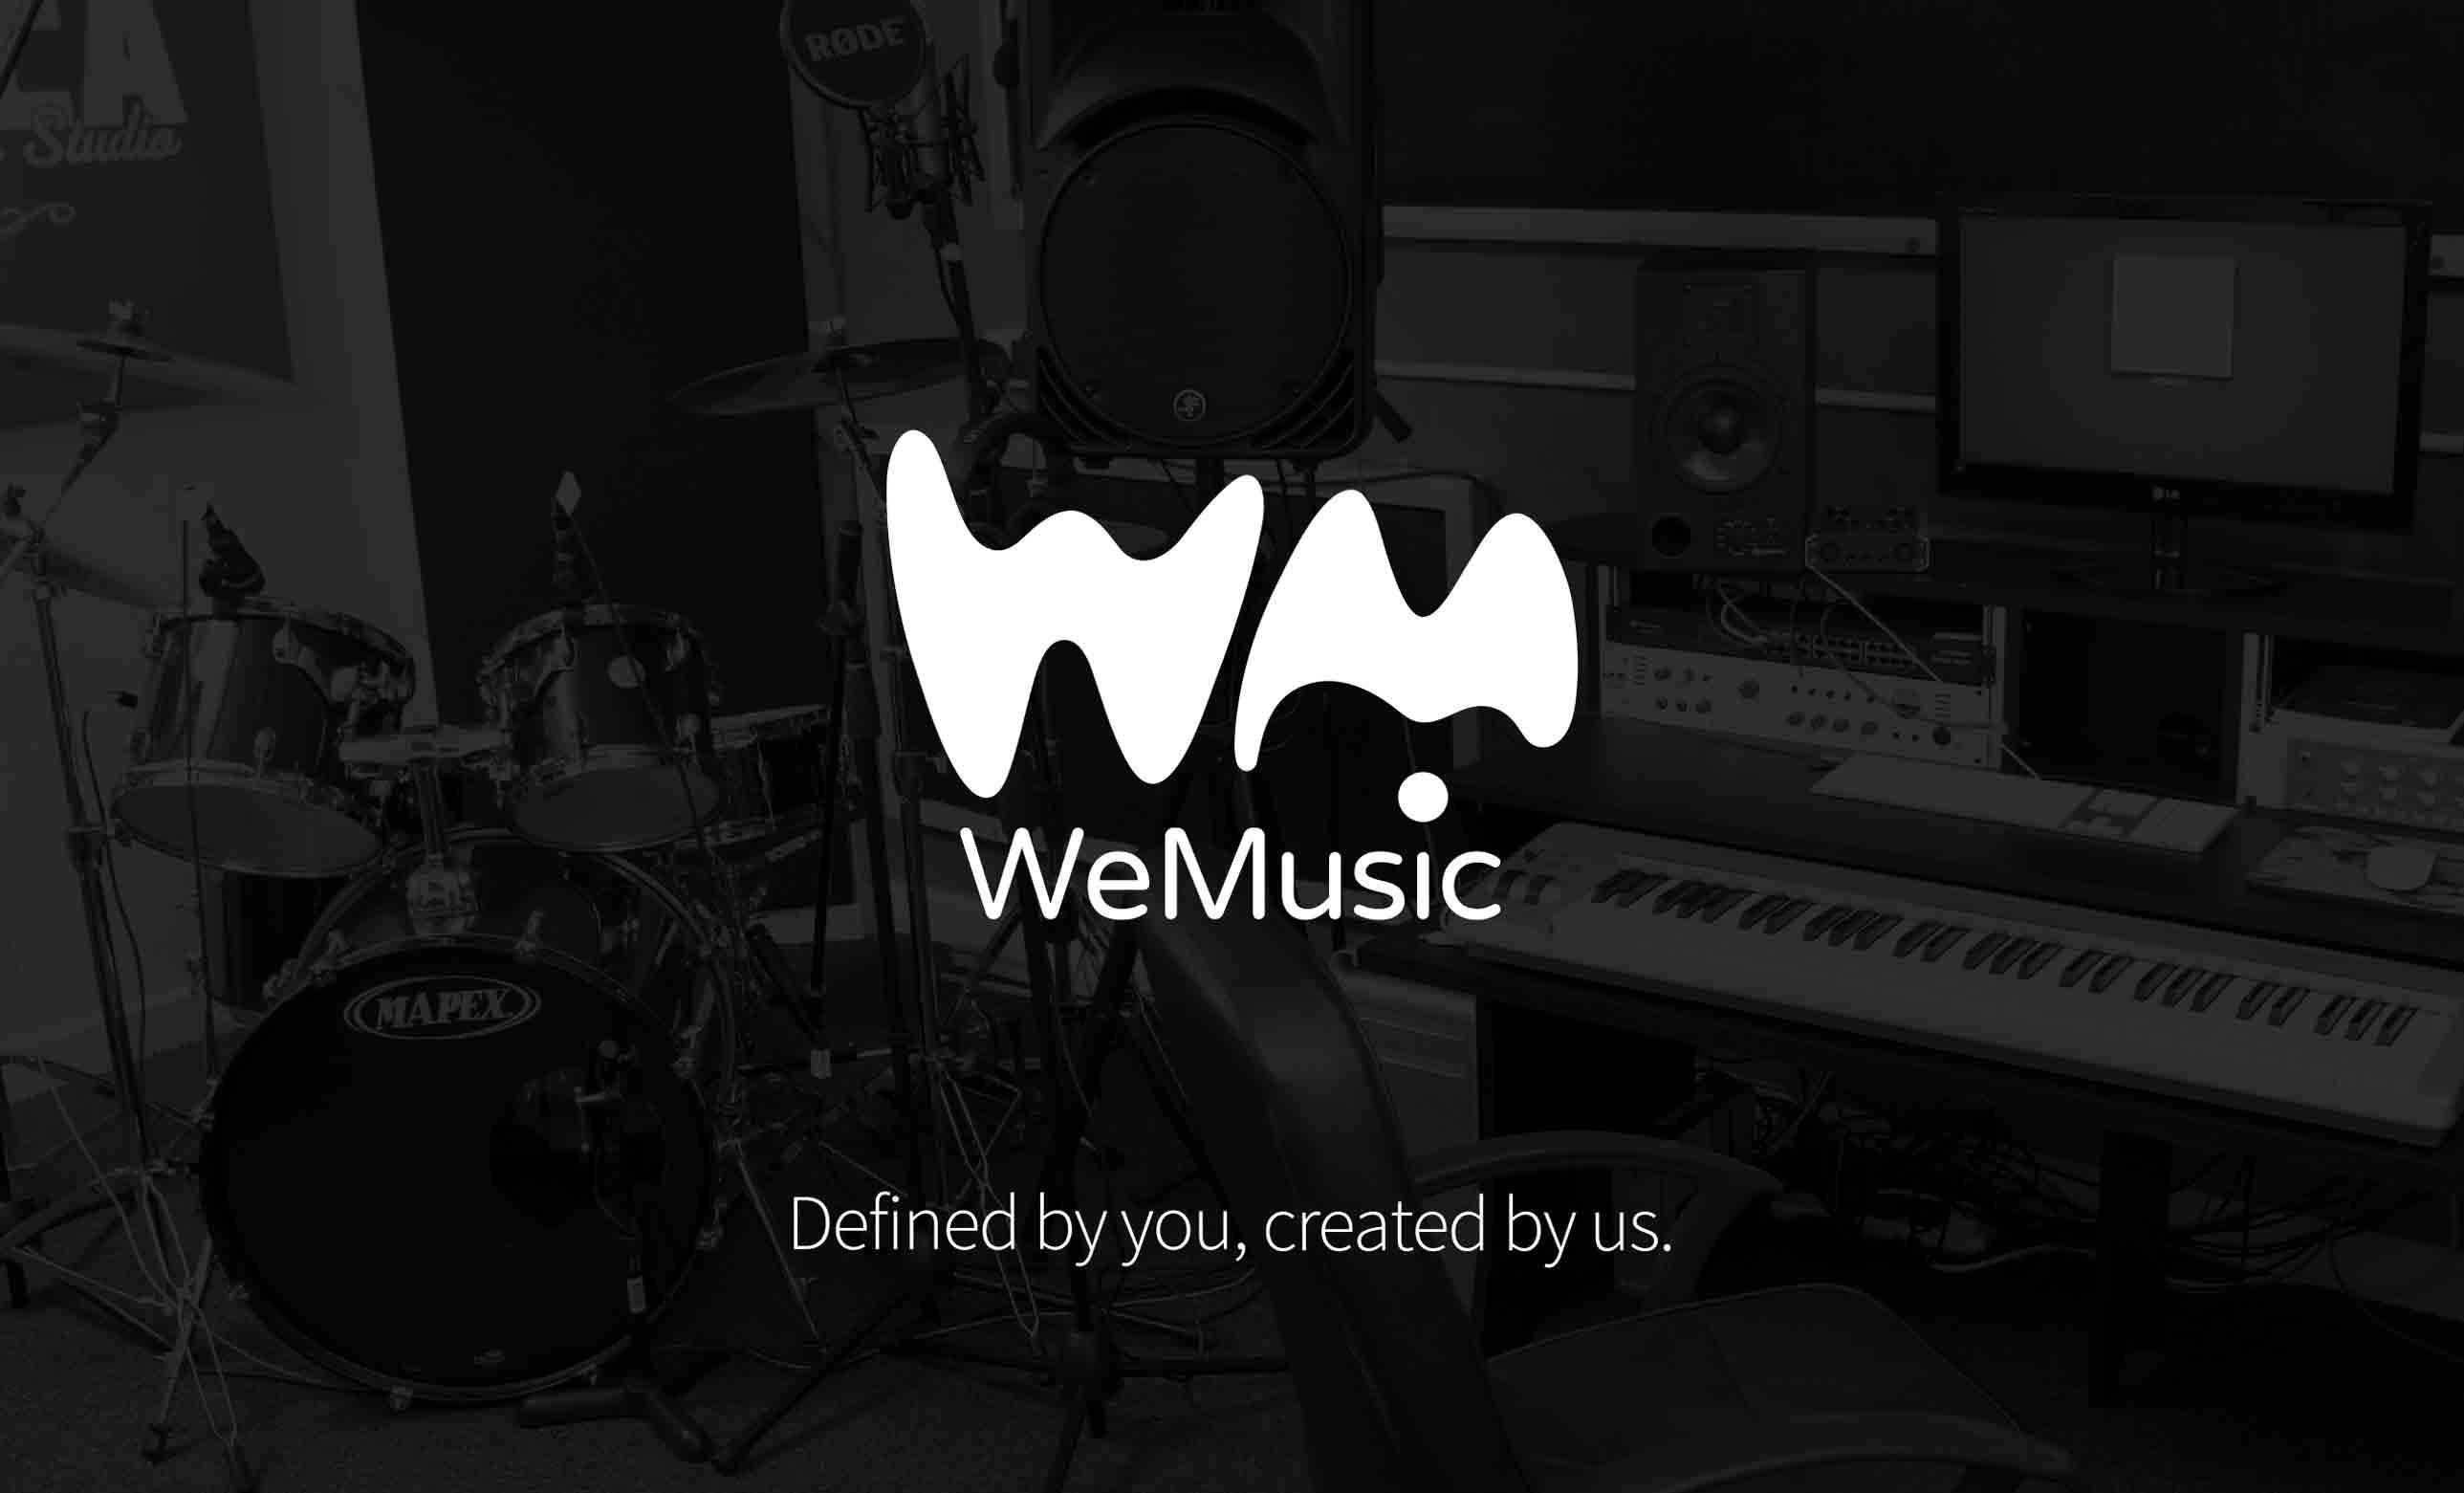 WeMusic logo and branding design by Geoff Muskett